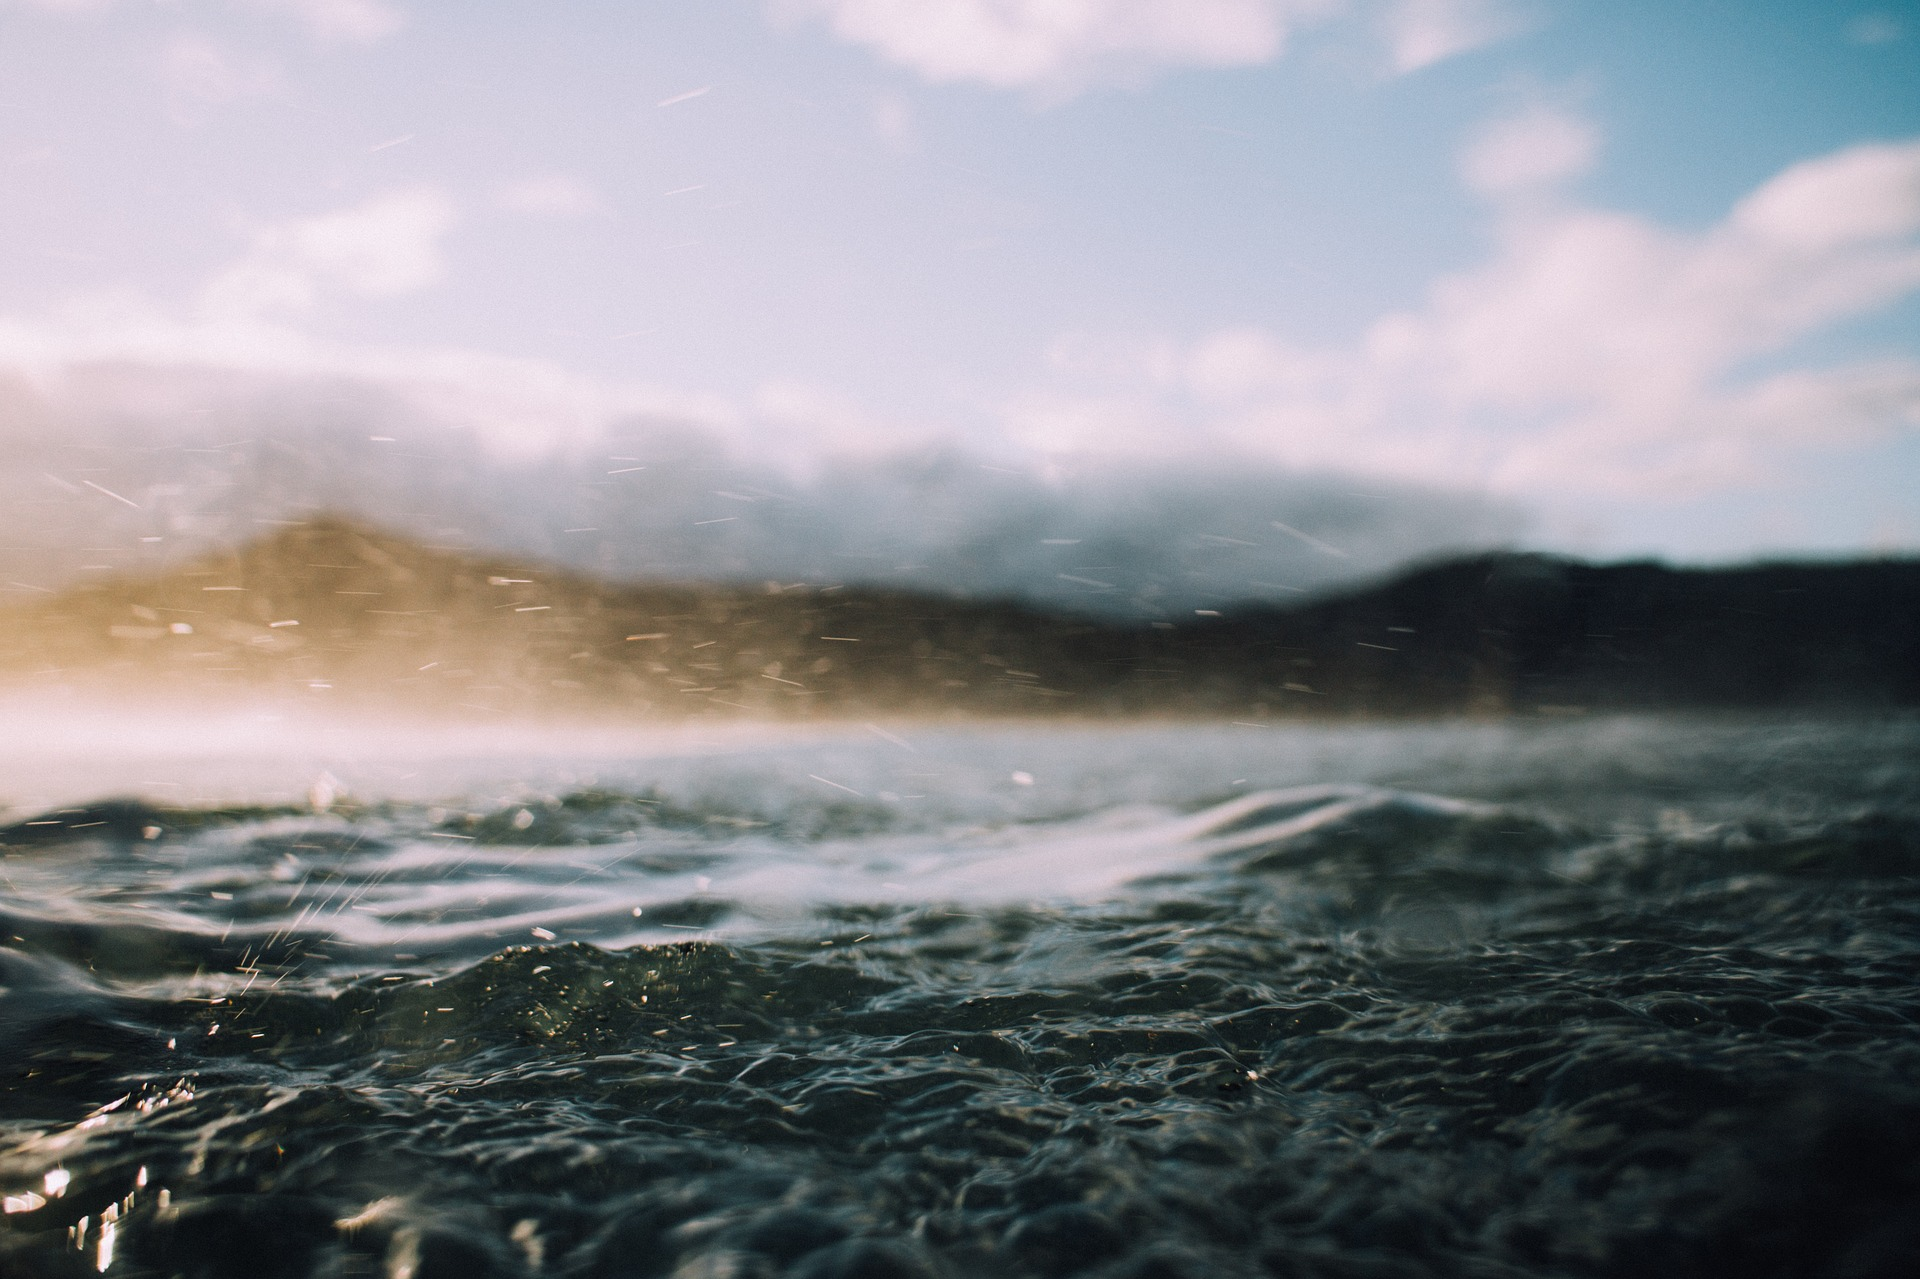 water-1867234_1920.jpg